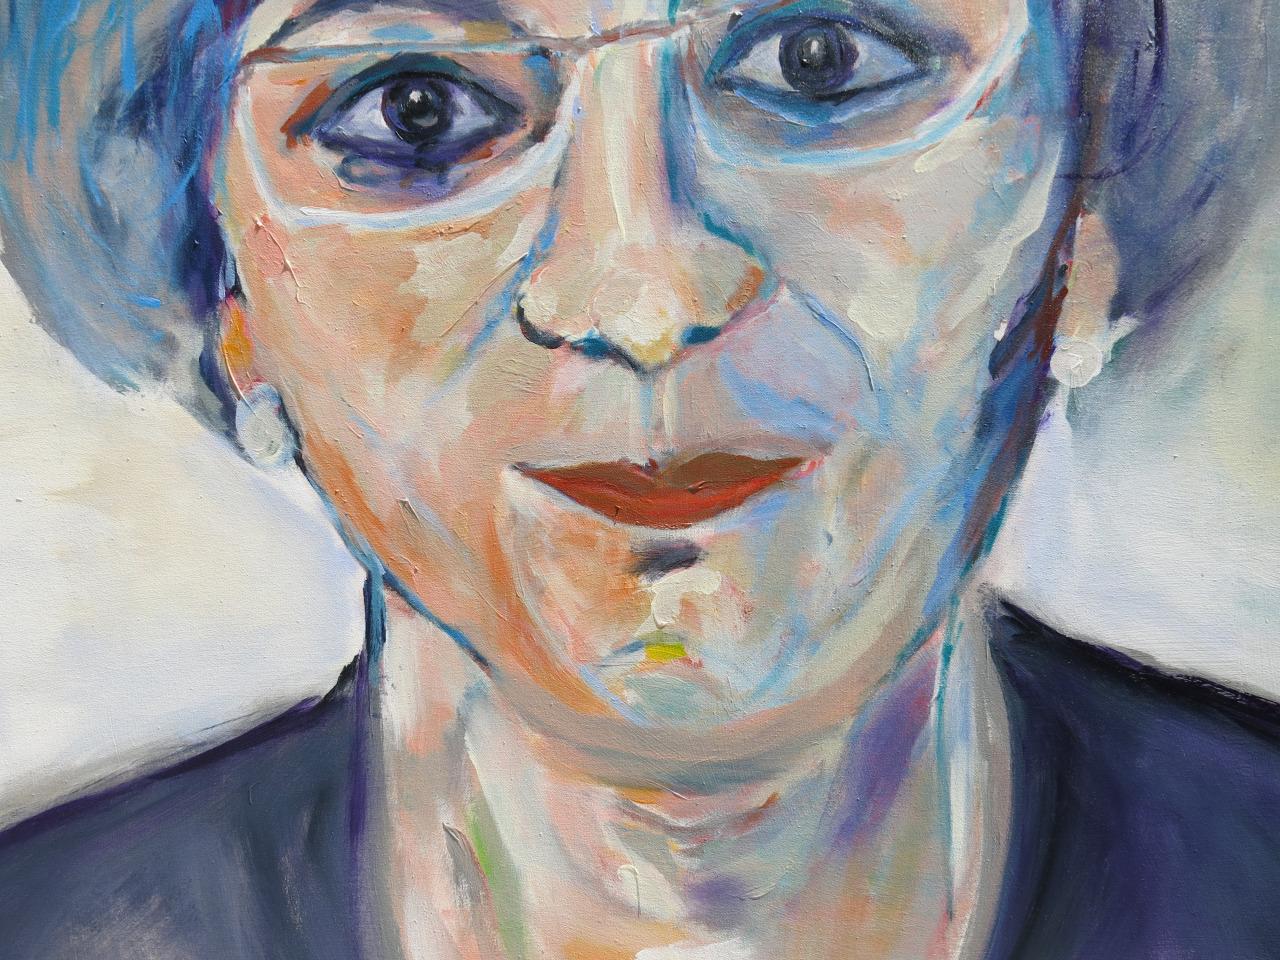 Eugenie III, Acryl auf Leinwand, 80x60 cm, 2014